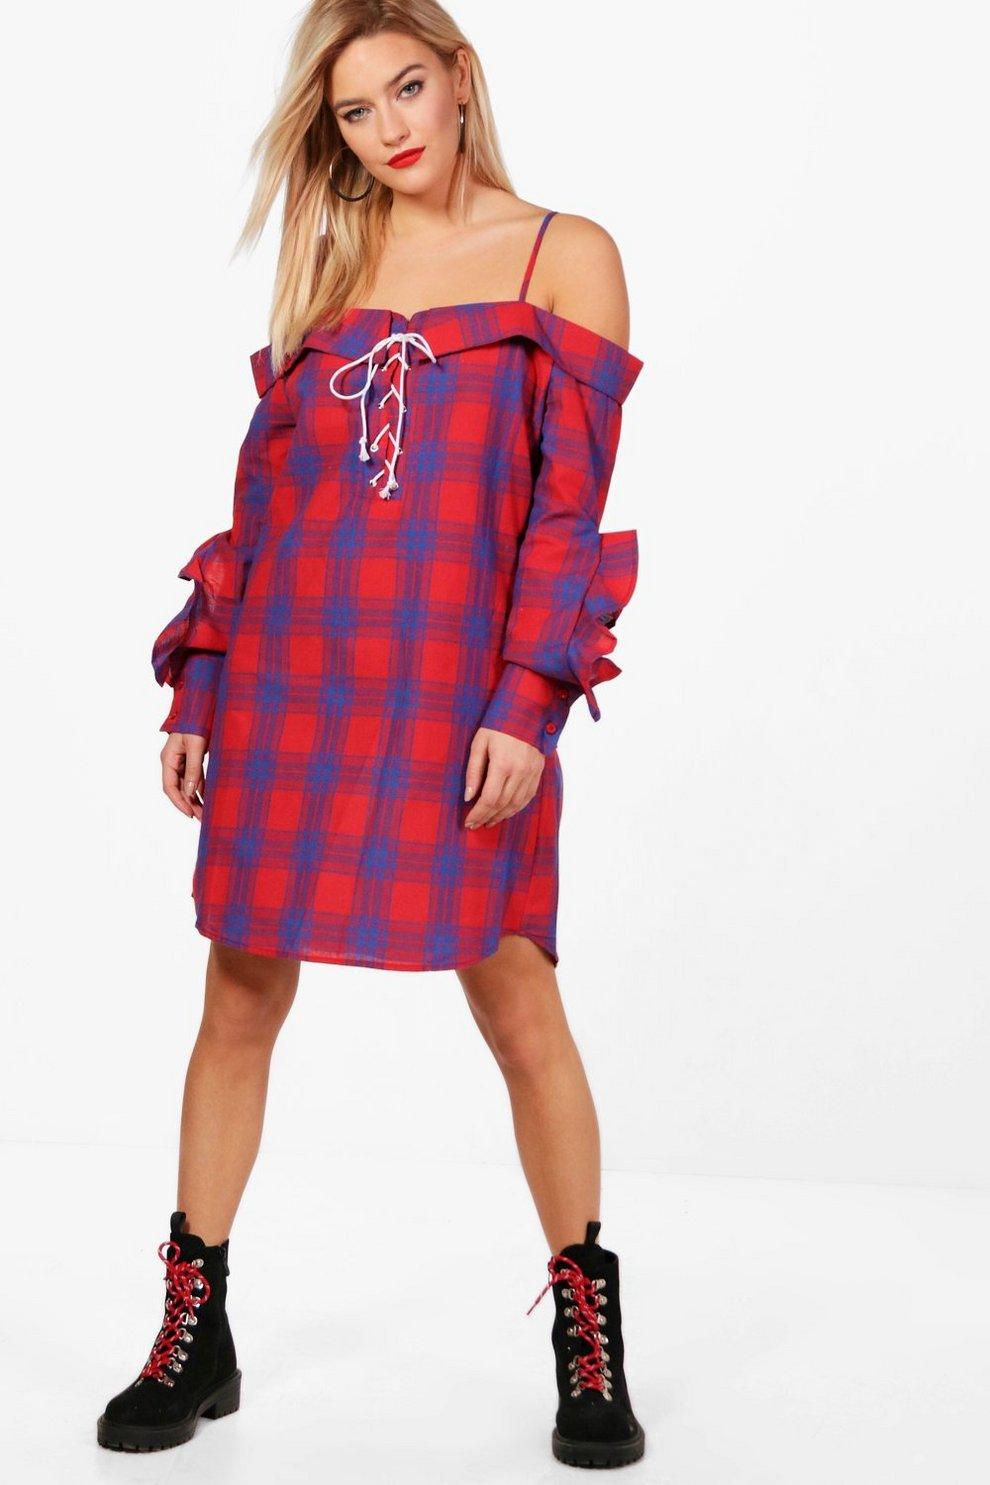 c4ac9c9739 Check Lace Up Ruffle Shirt Dress